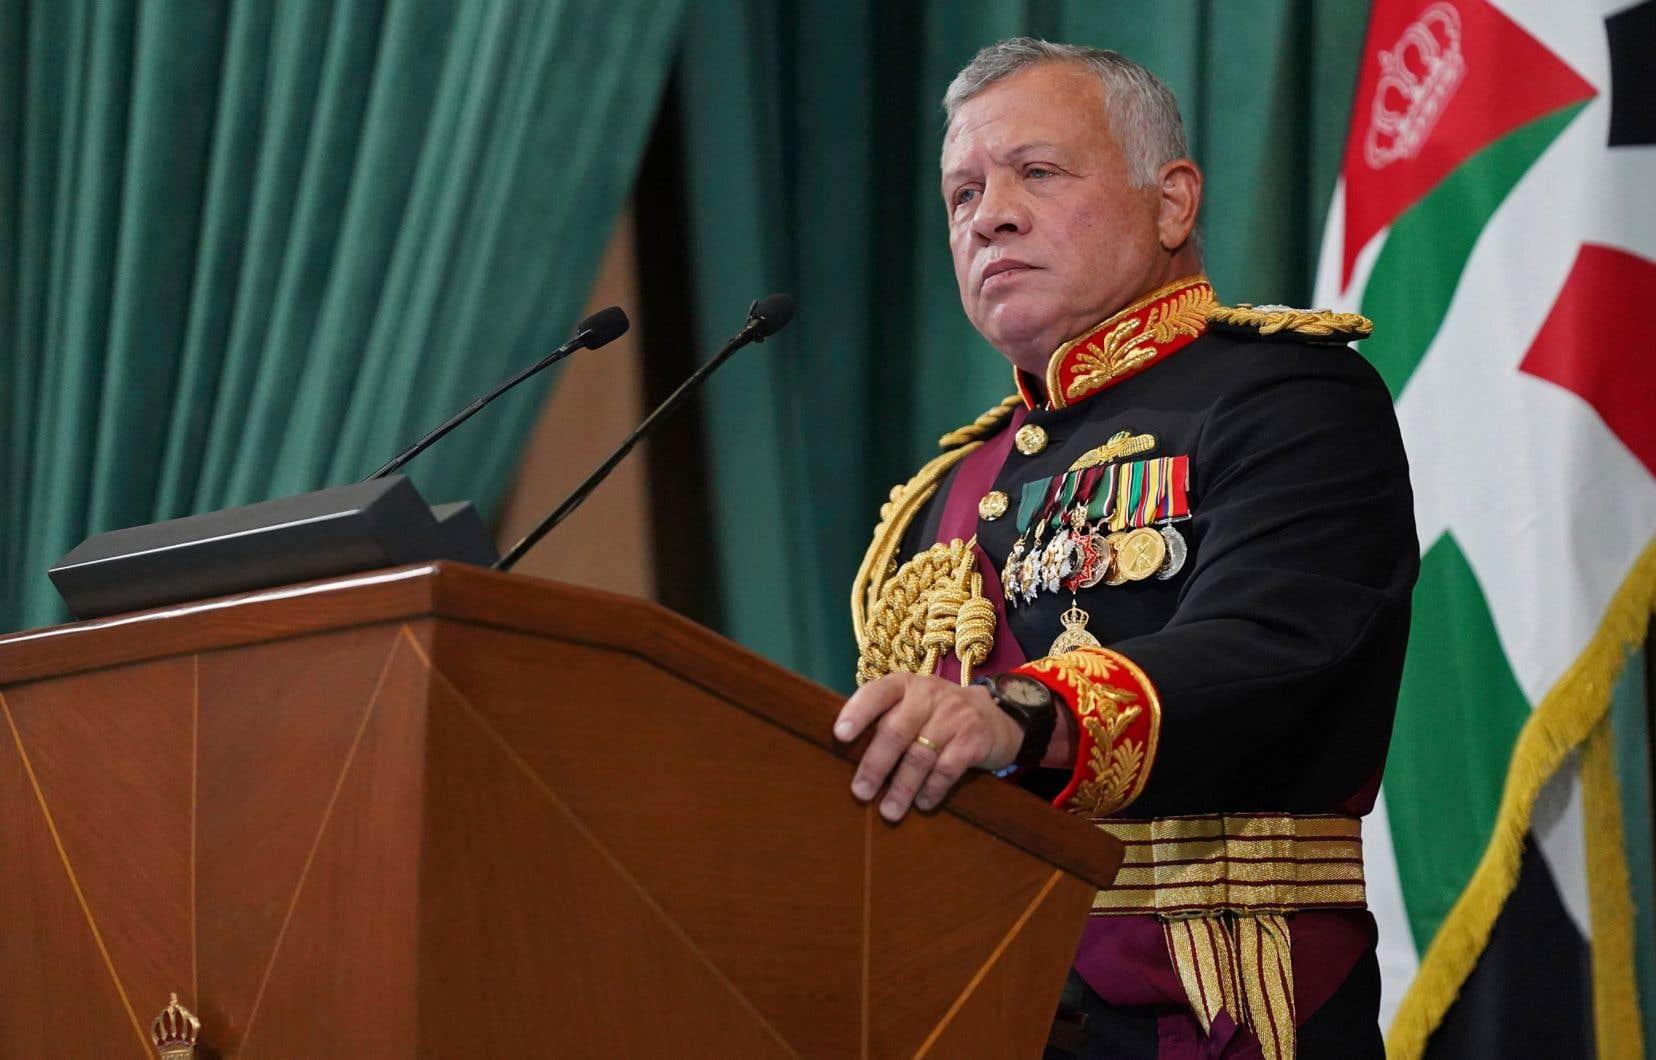 Le roi Abdallah II de Jordanie, lors d'une allocution le 10 décembre dernier